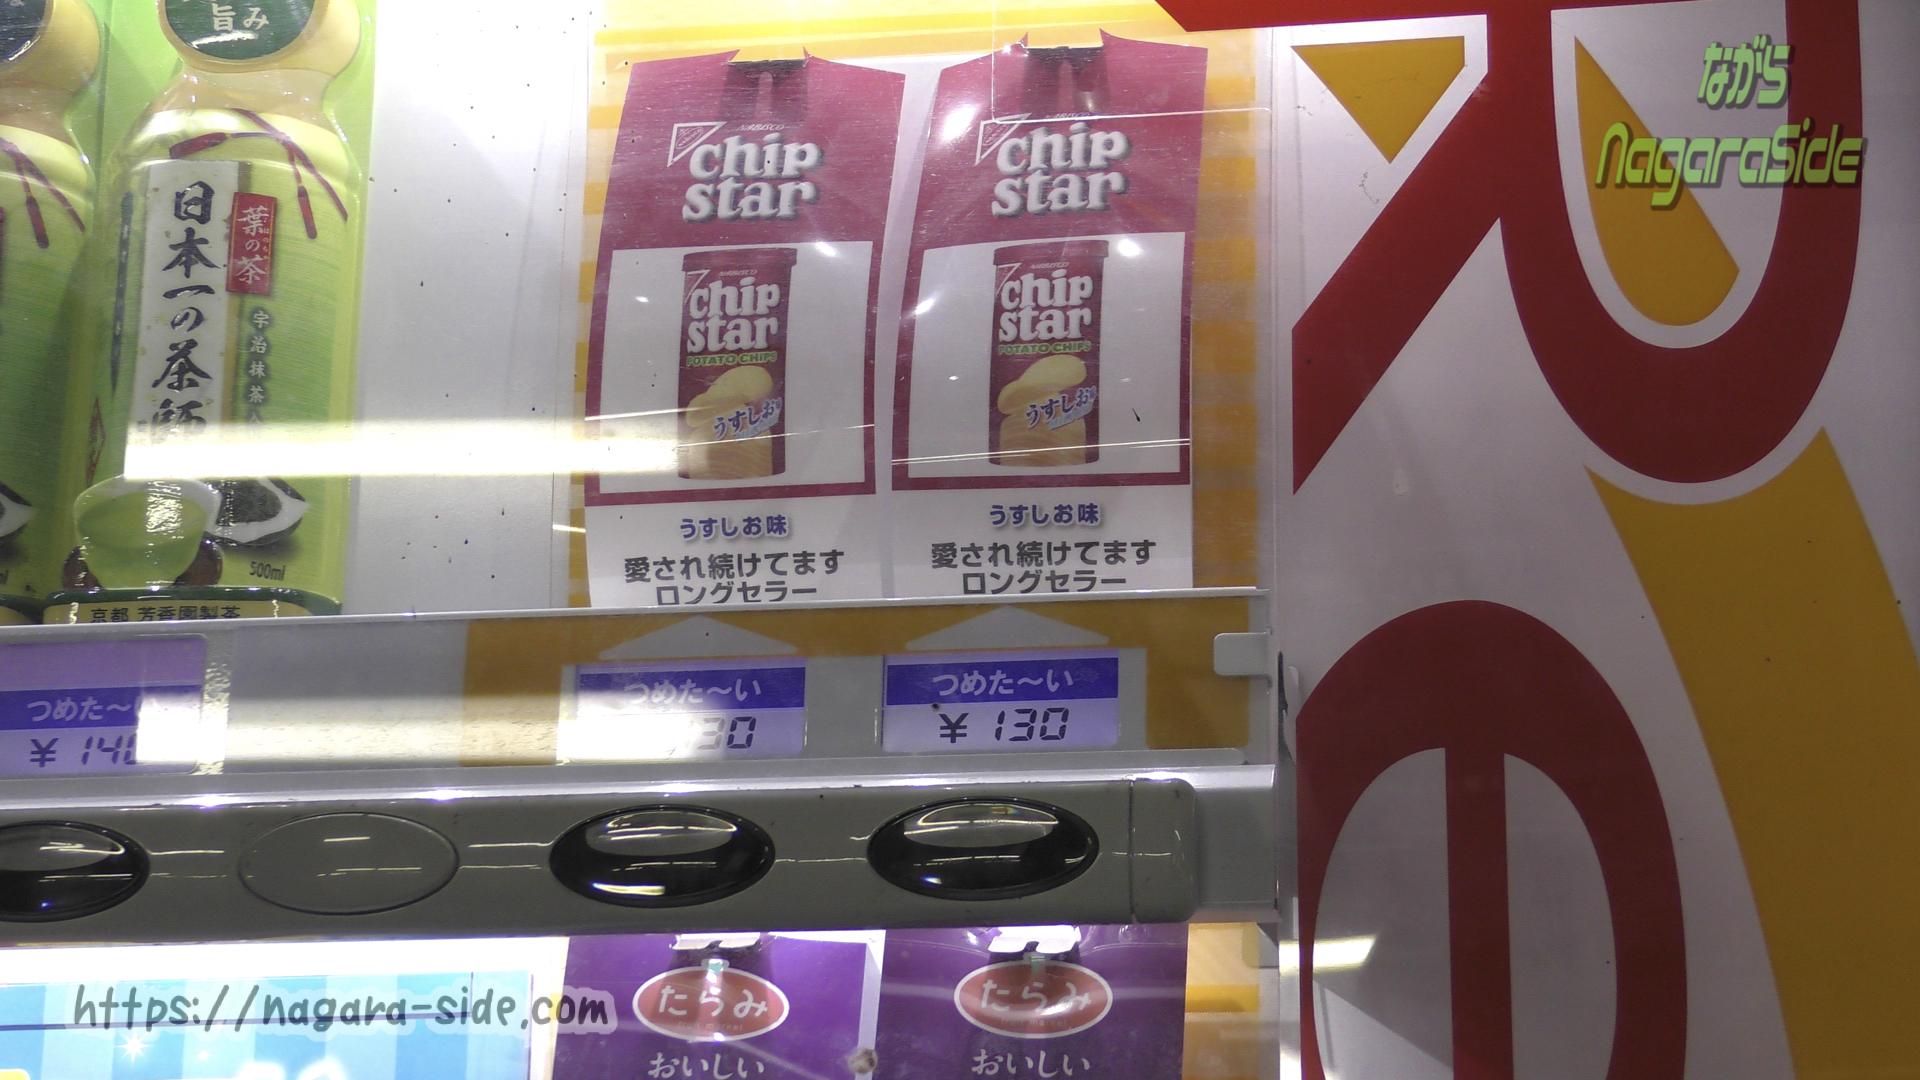 大垣駅ホームの自販機